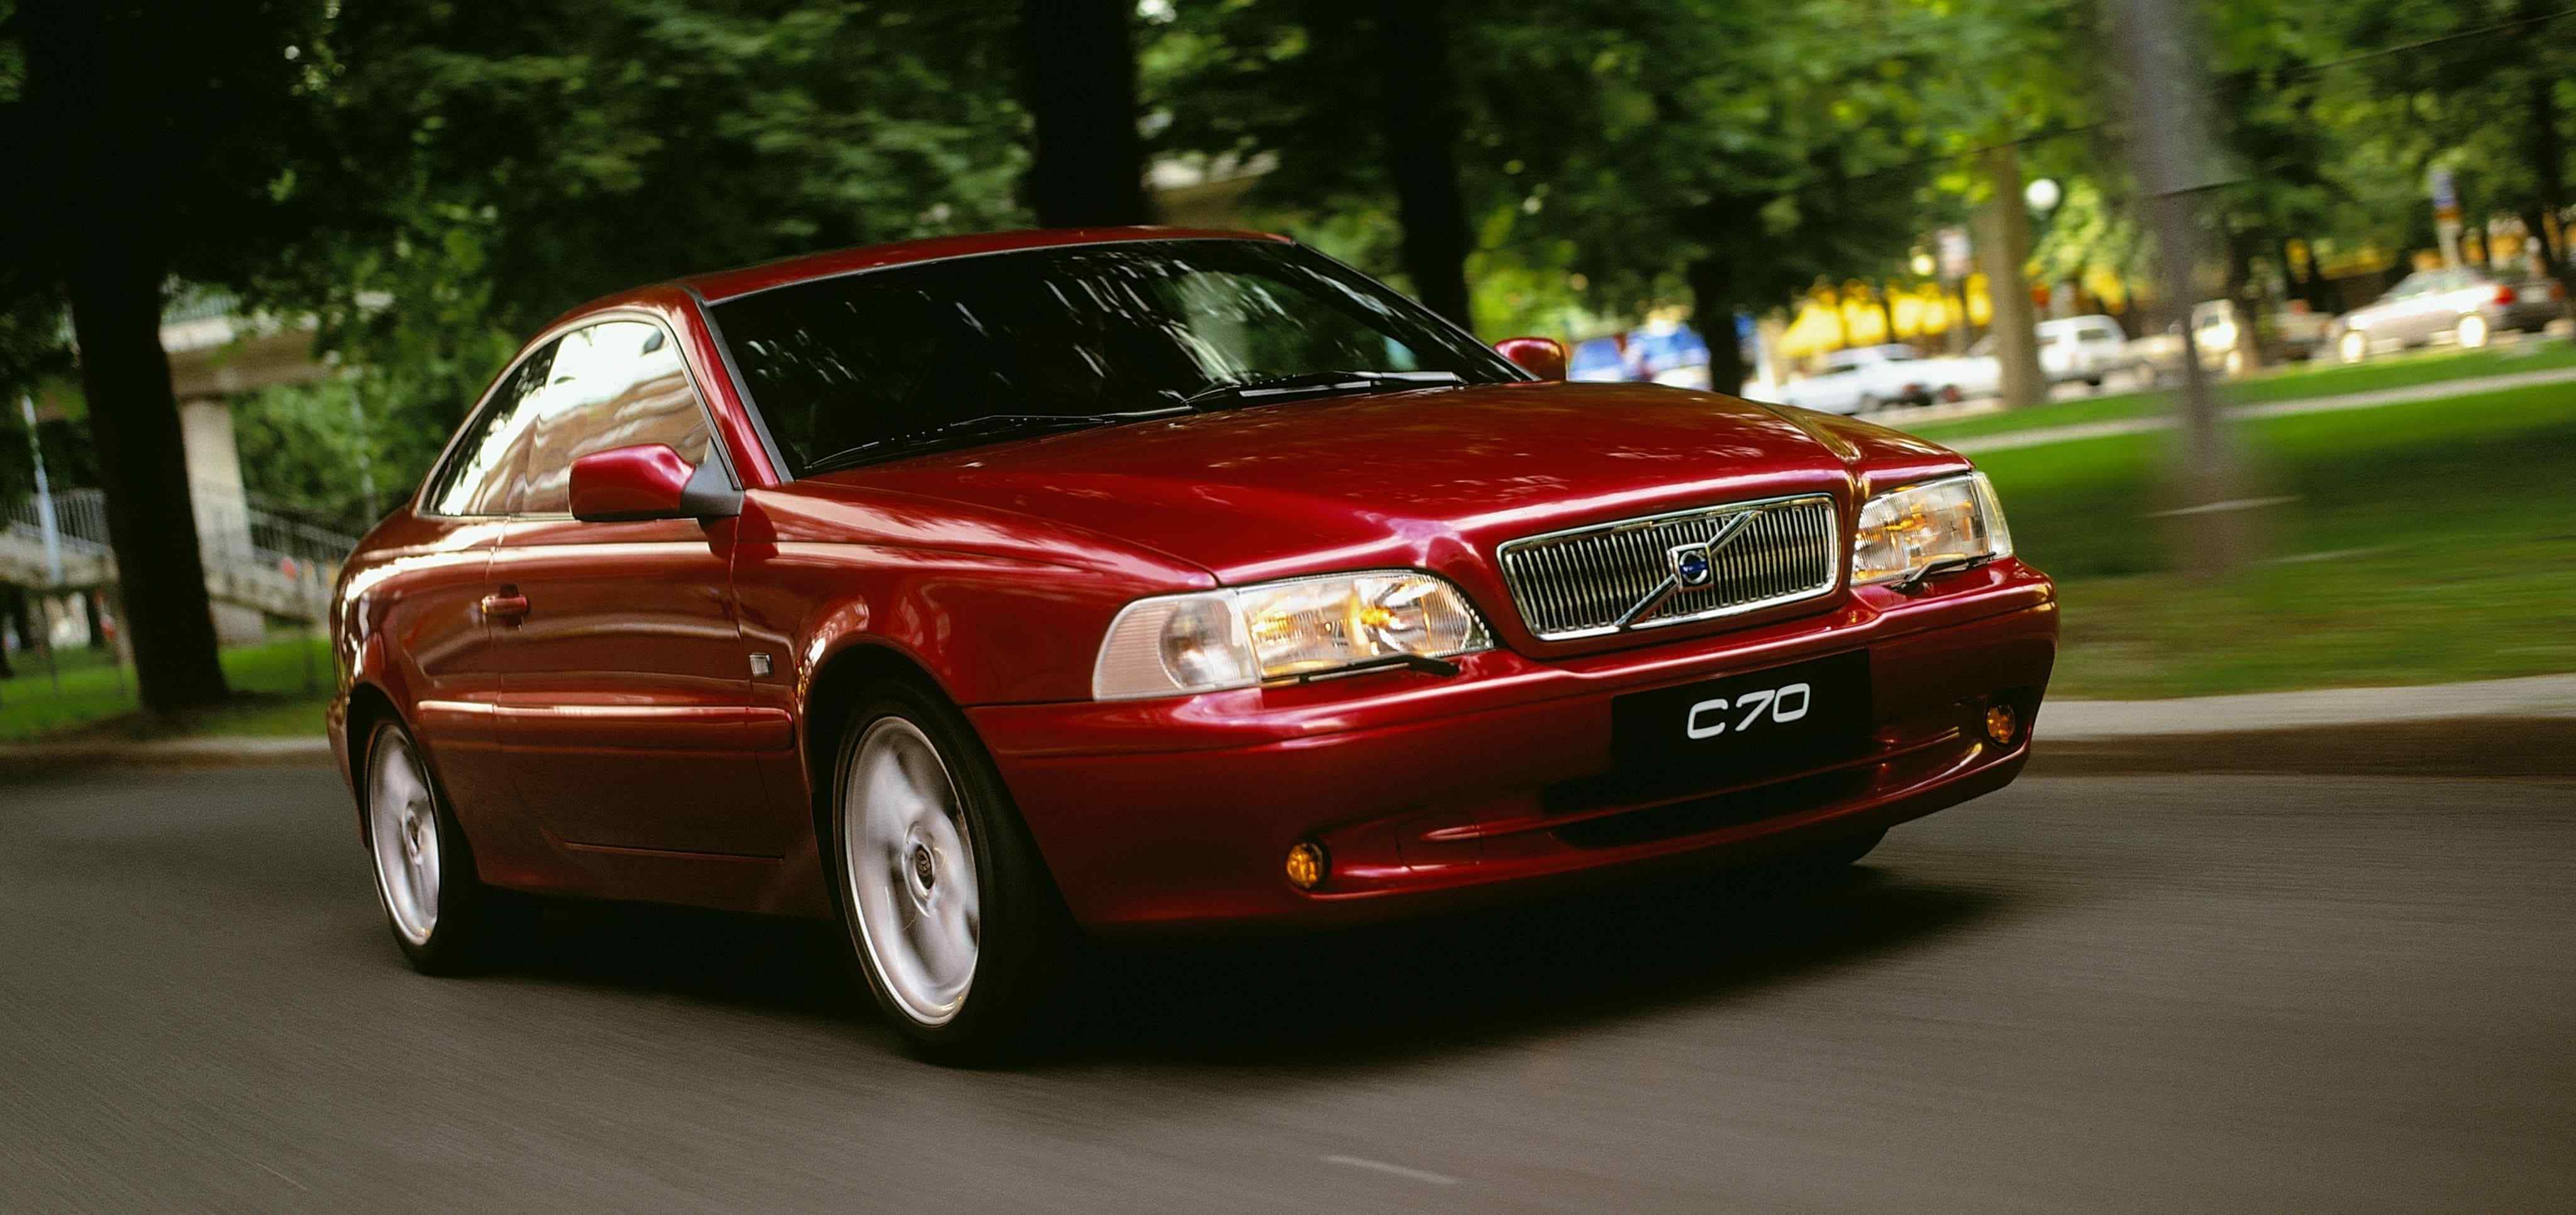 Un Volvo C70 coupe color rojo burgundy siendo conducido a lo largo de una carrereta con árboles